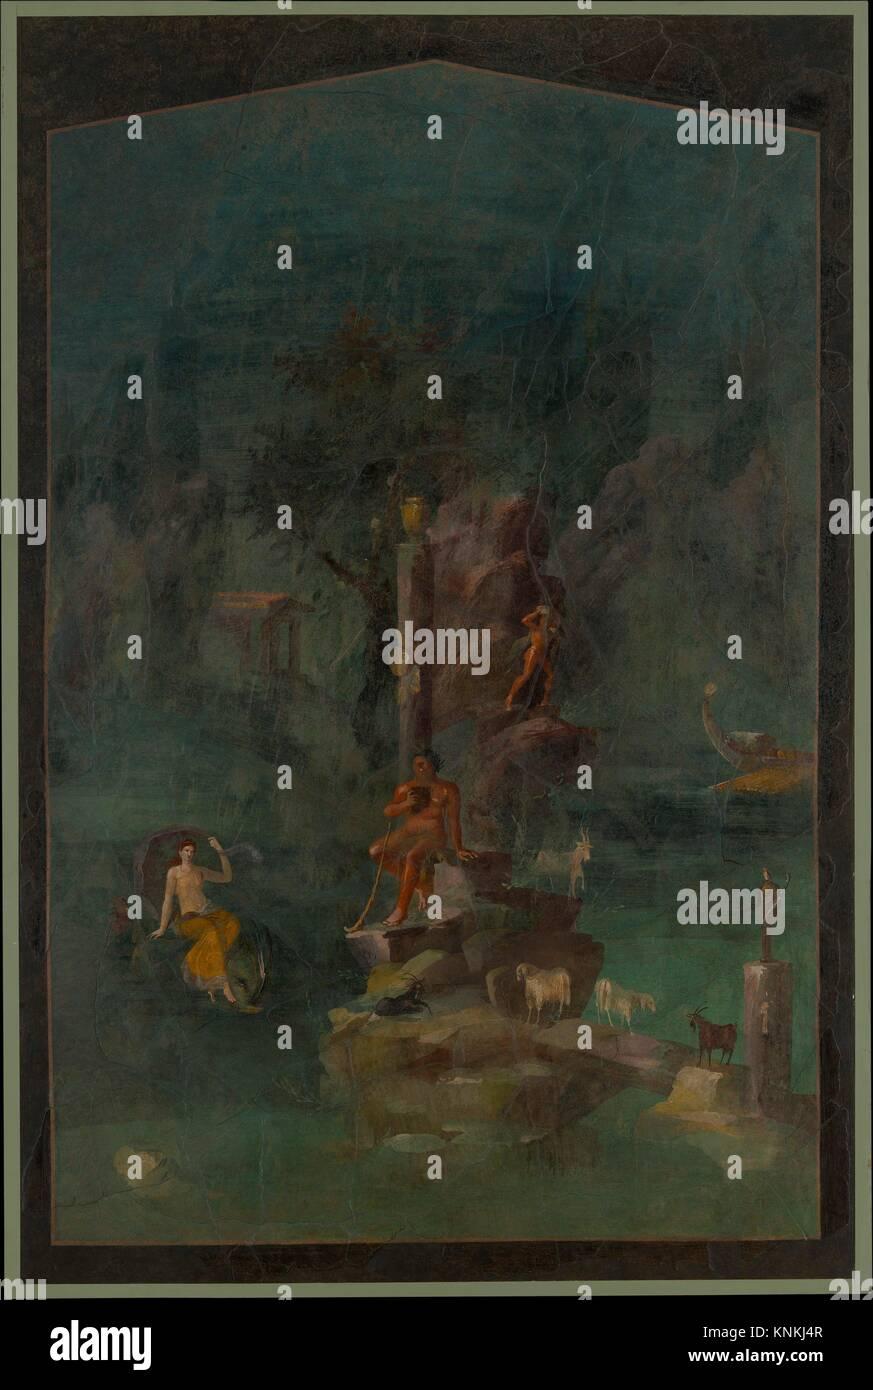 Wandmalerei: Polyphemus und Galatea in einer Landschaft, die von der kaiserlichen Villa at Boscotrecase. Zeitraum: Stockbild